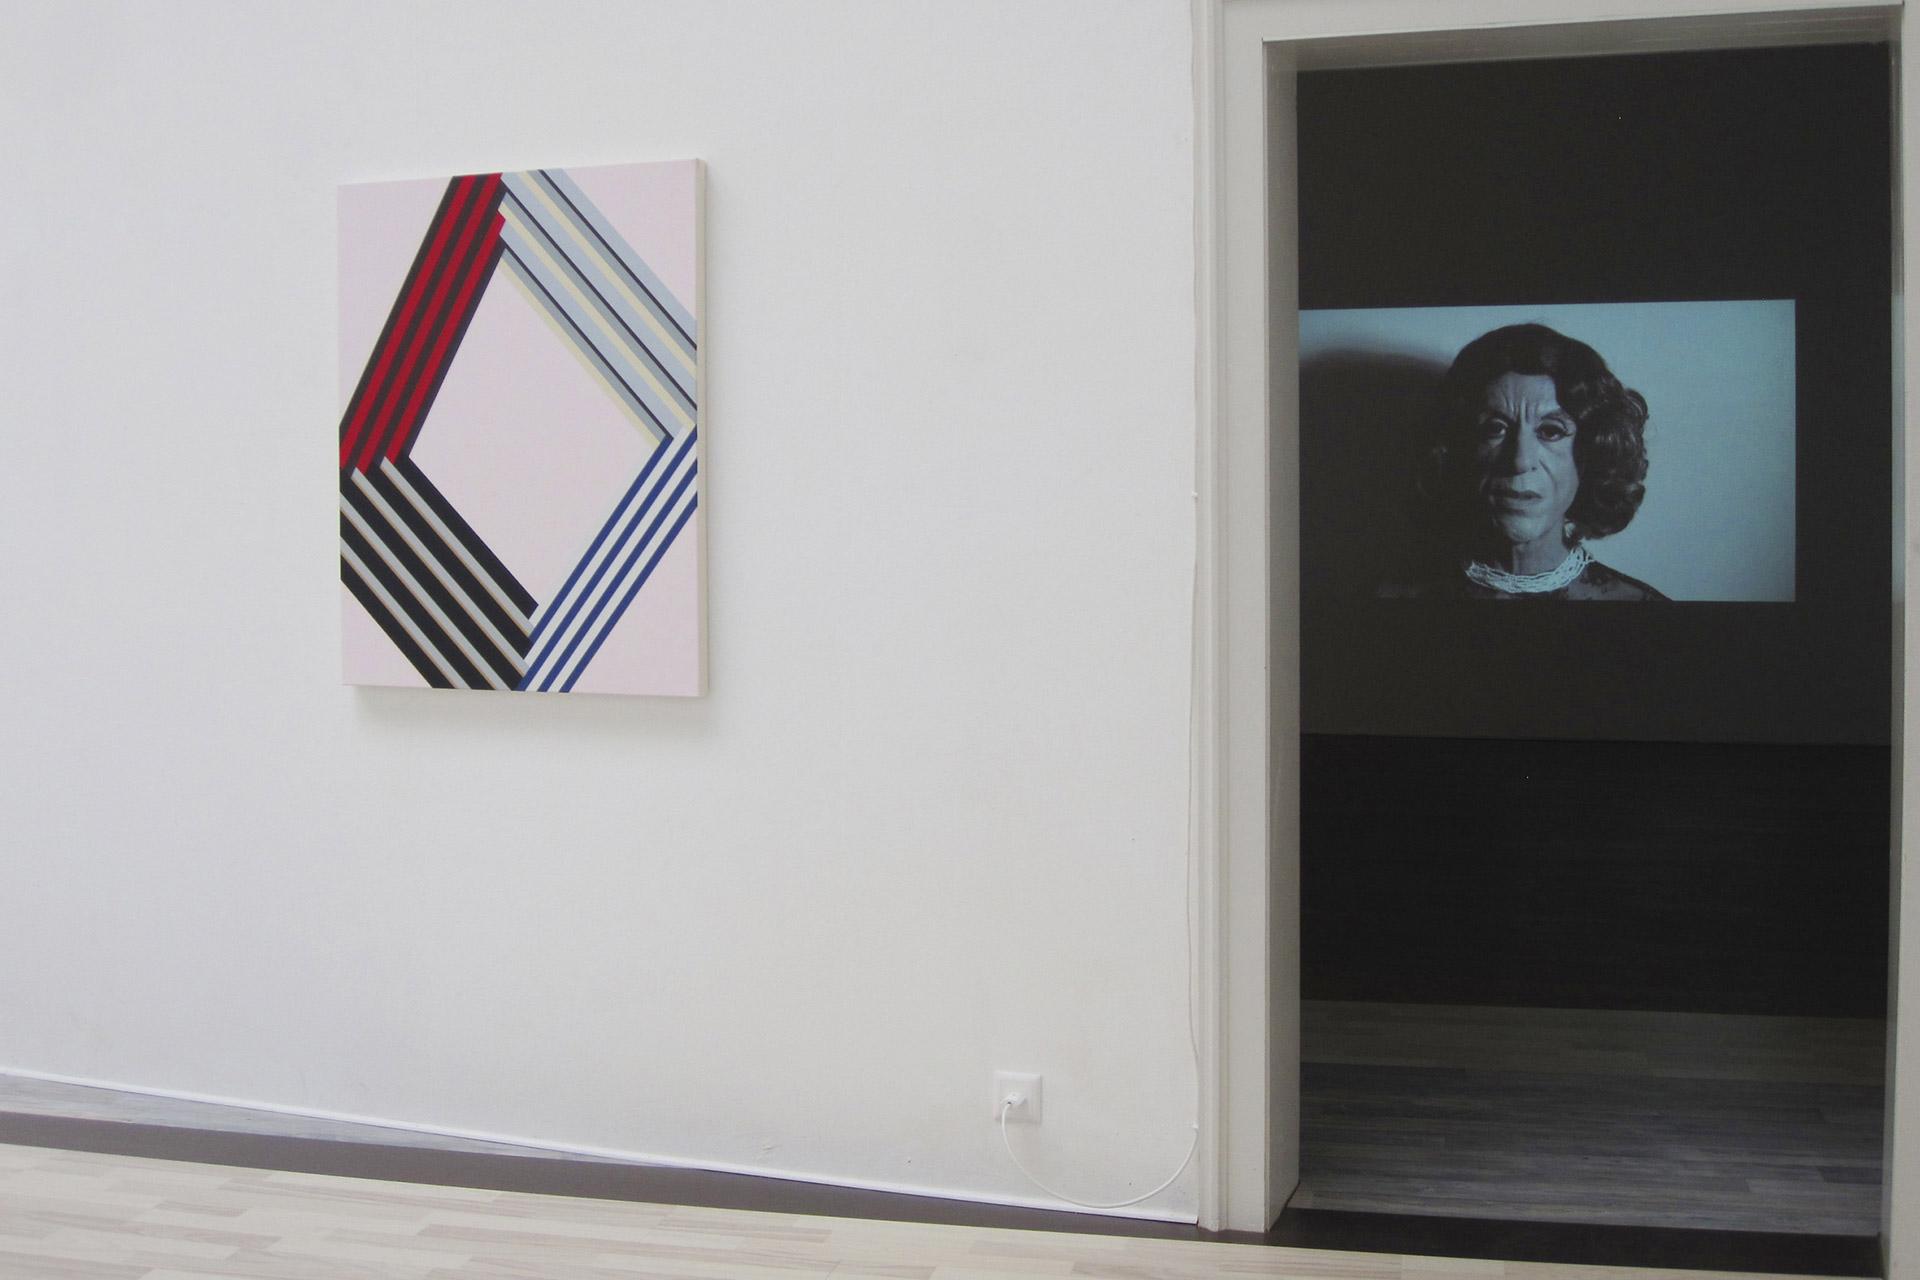 Clare-Goodwin-Kunsthalle-Winterthur-2012-1.jpg